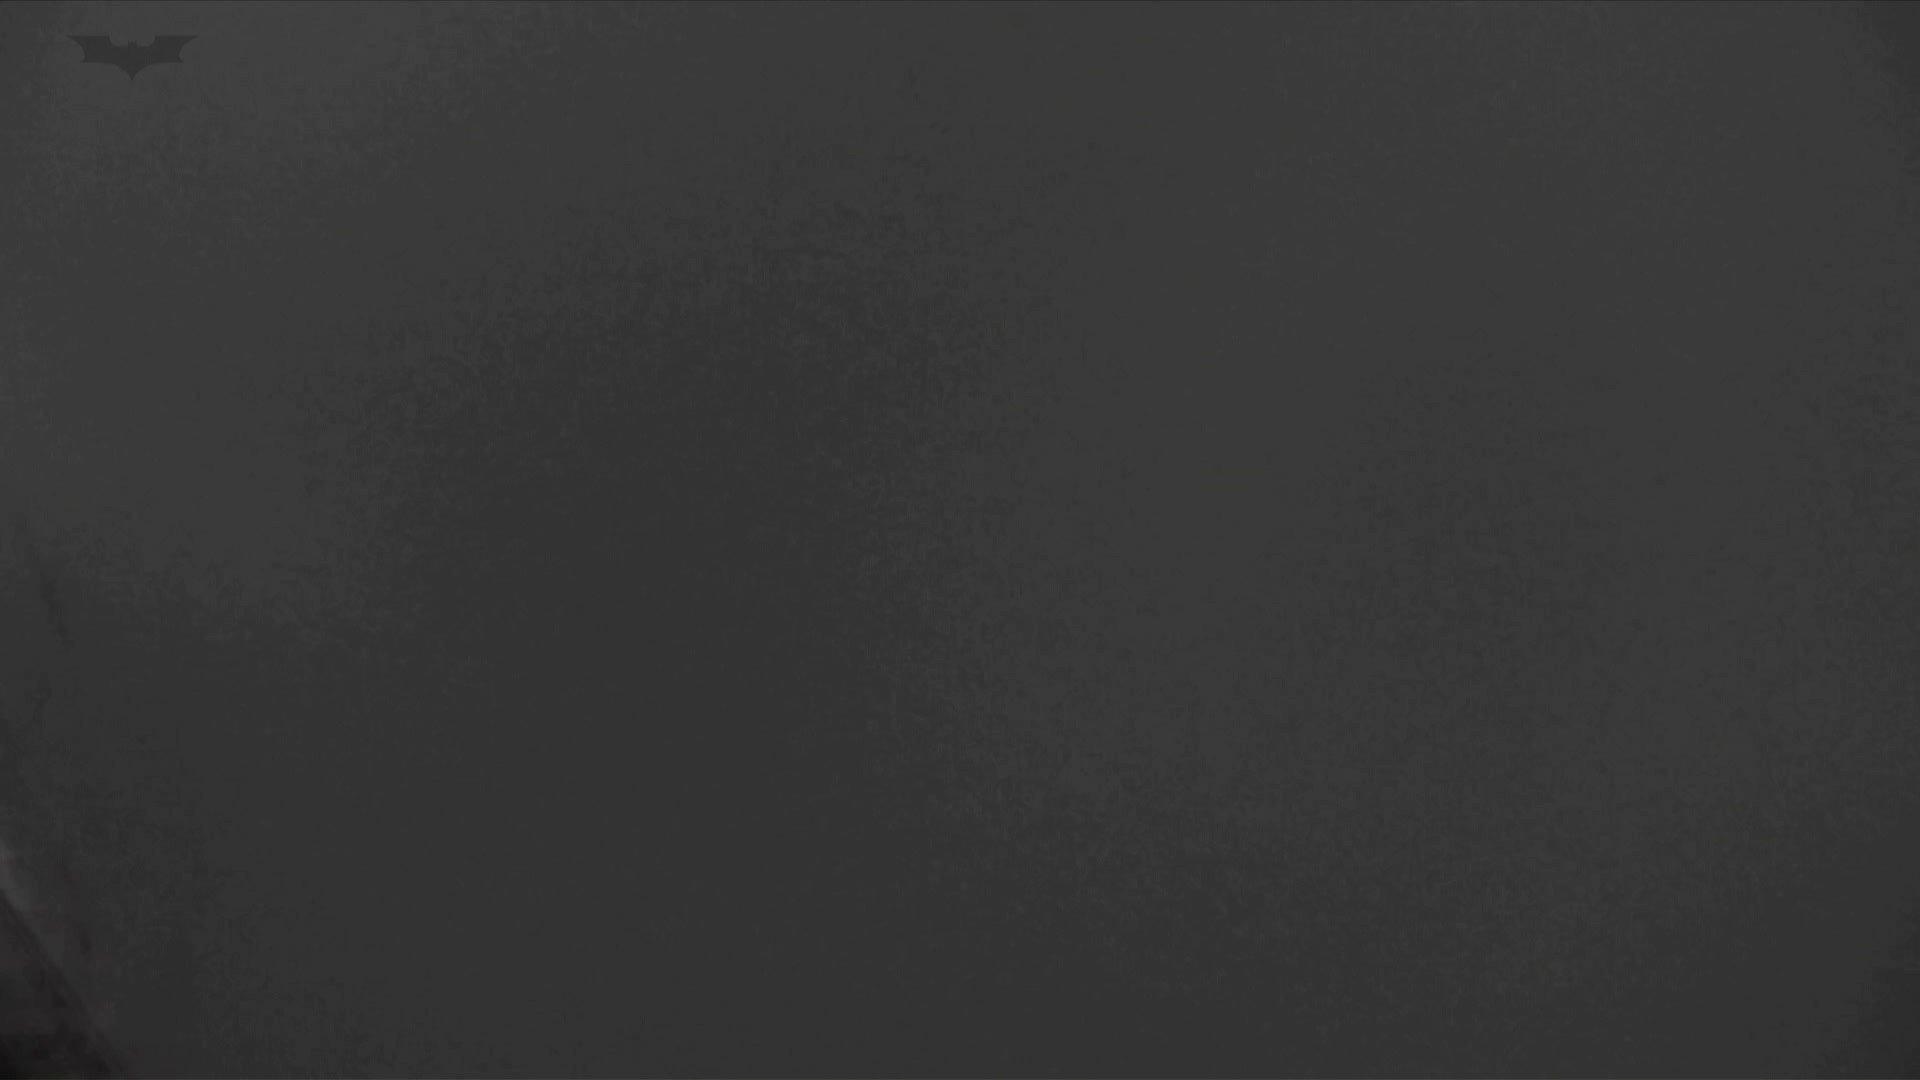 ▲復活限定D▲第三体育館潜入撮File018 夏帆に激似現役の未開発の下を 高画質 AV無料動画キャプチャ 96枚 11